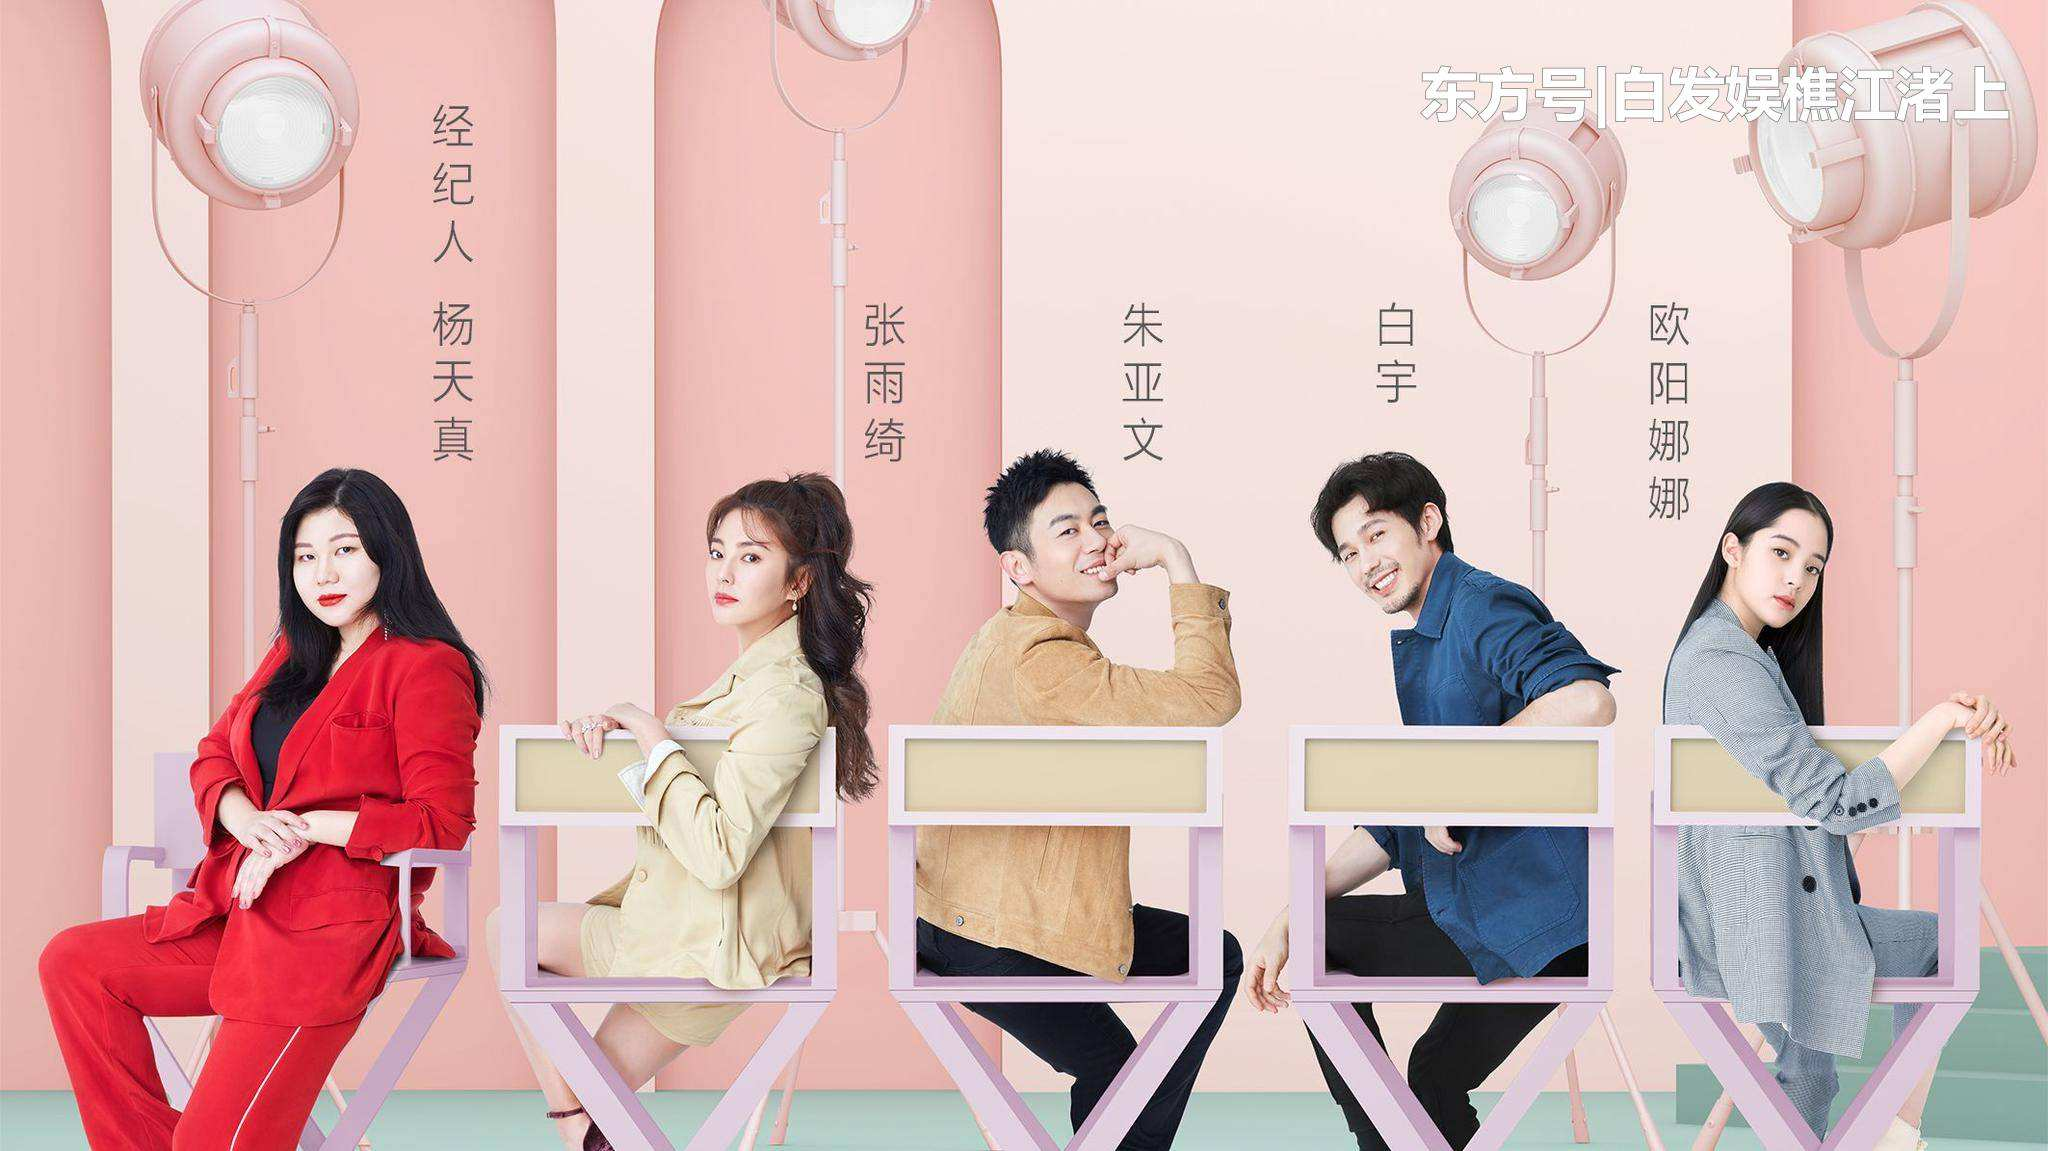 http://rongyiedu-guanwang.oss-cn-beijing.aliyuncs.com/怎么才能当明星经纪人 明星经纪人是负责哪些事情?